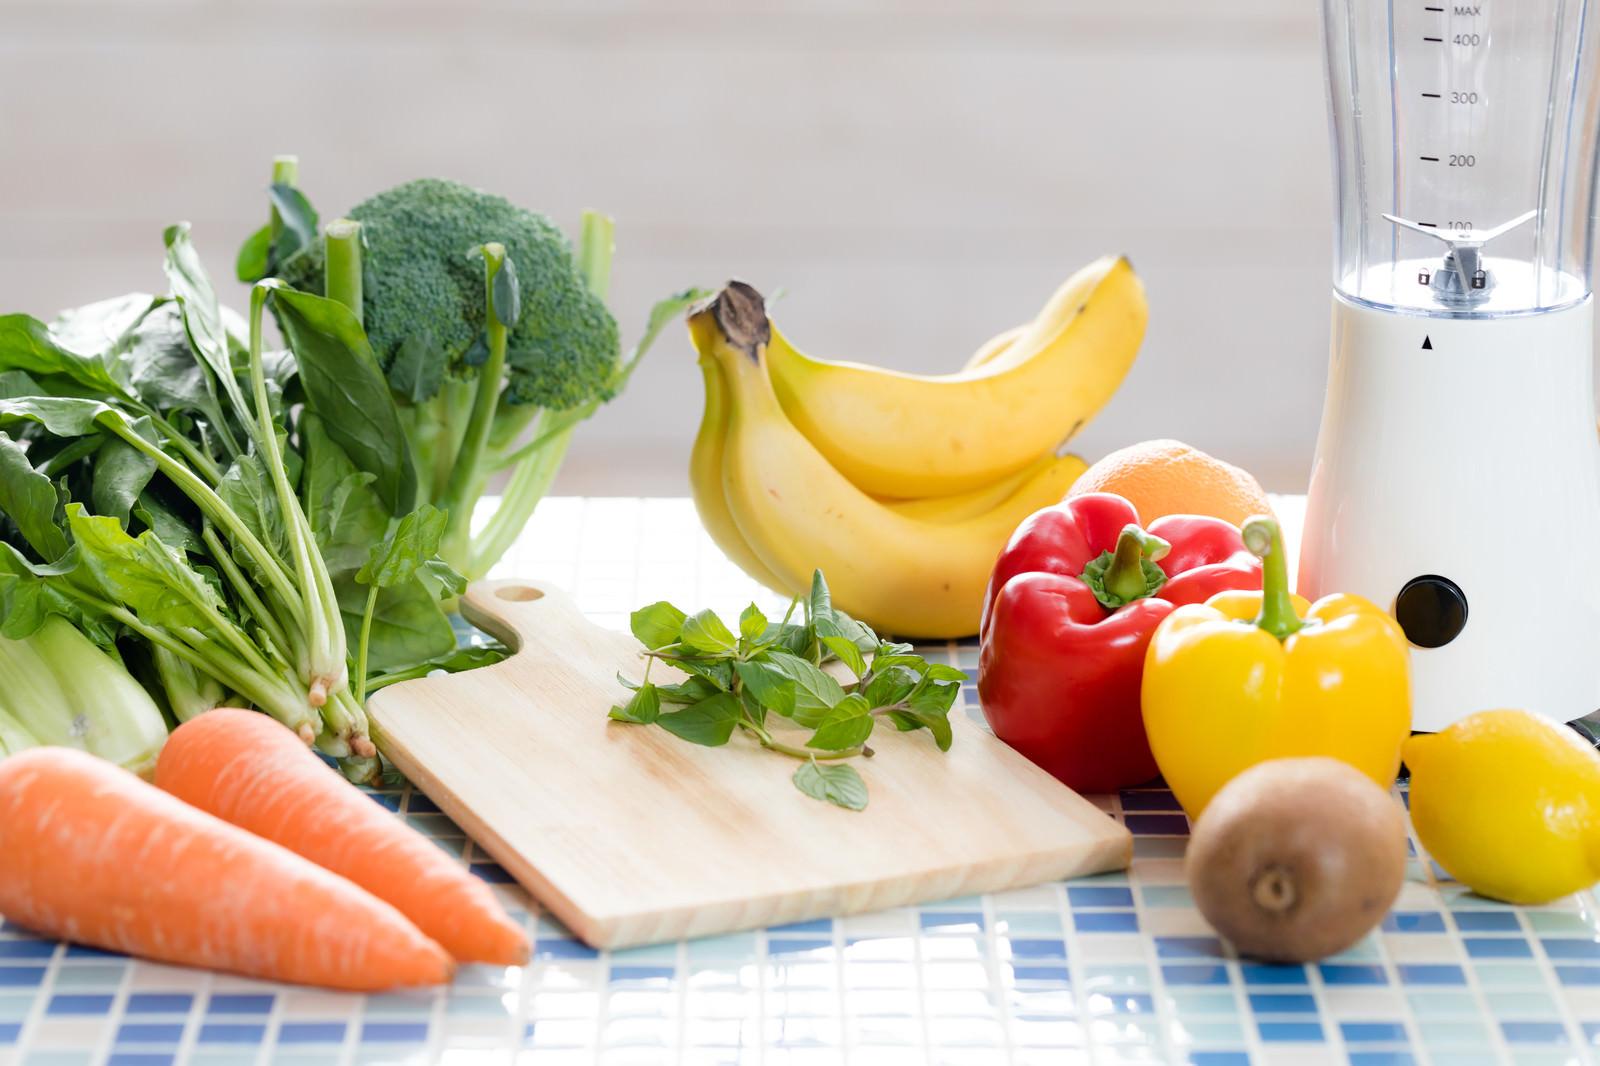 「スムージー用の果物と野菜類」の写真